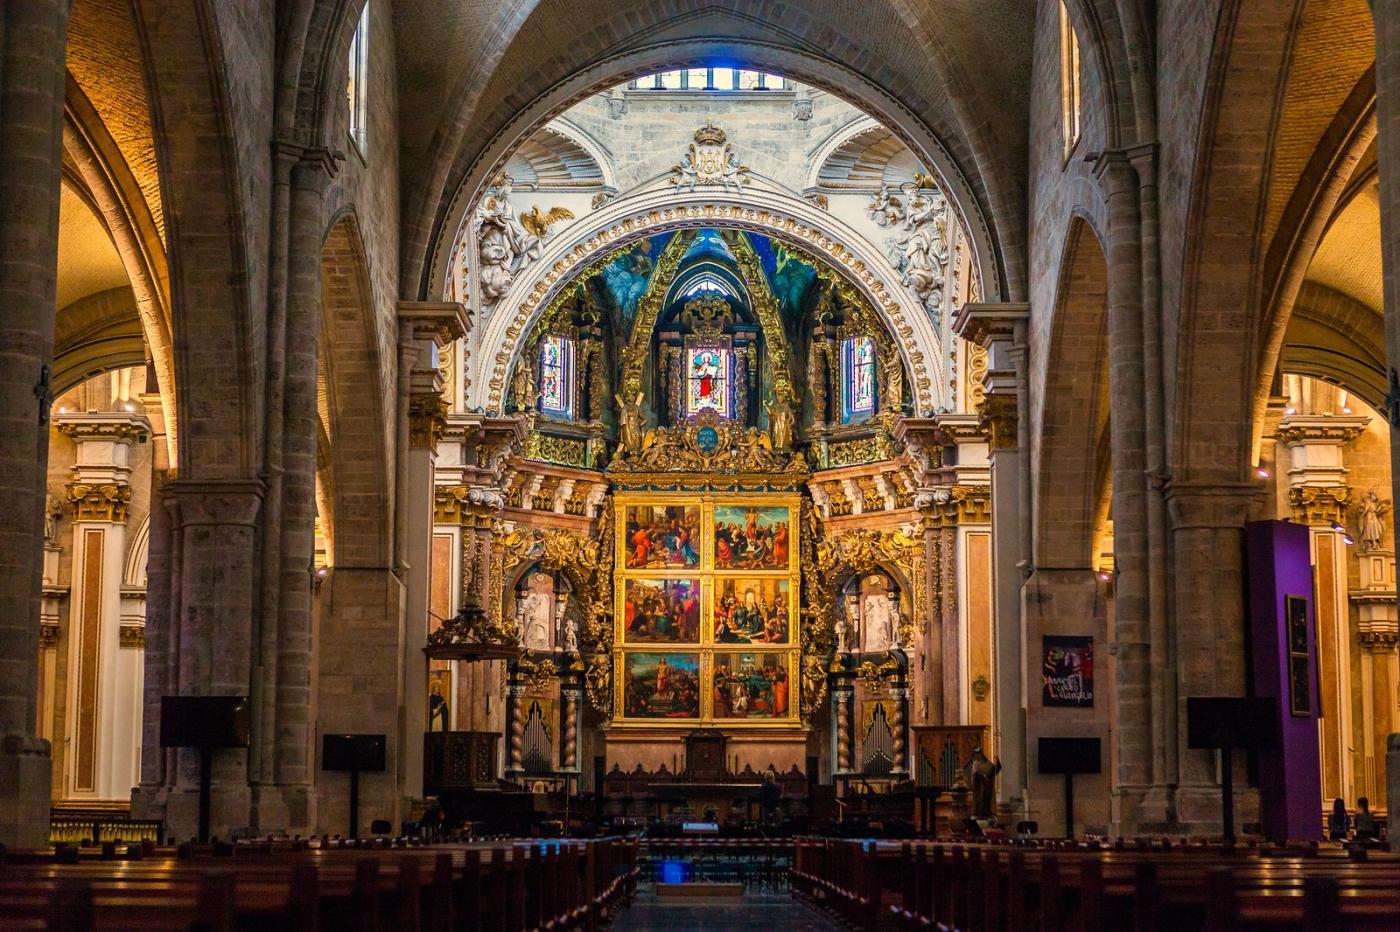 西班牙巴倫西亞主教堂,越看越喜歡_圖1-3